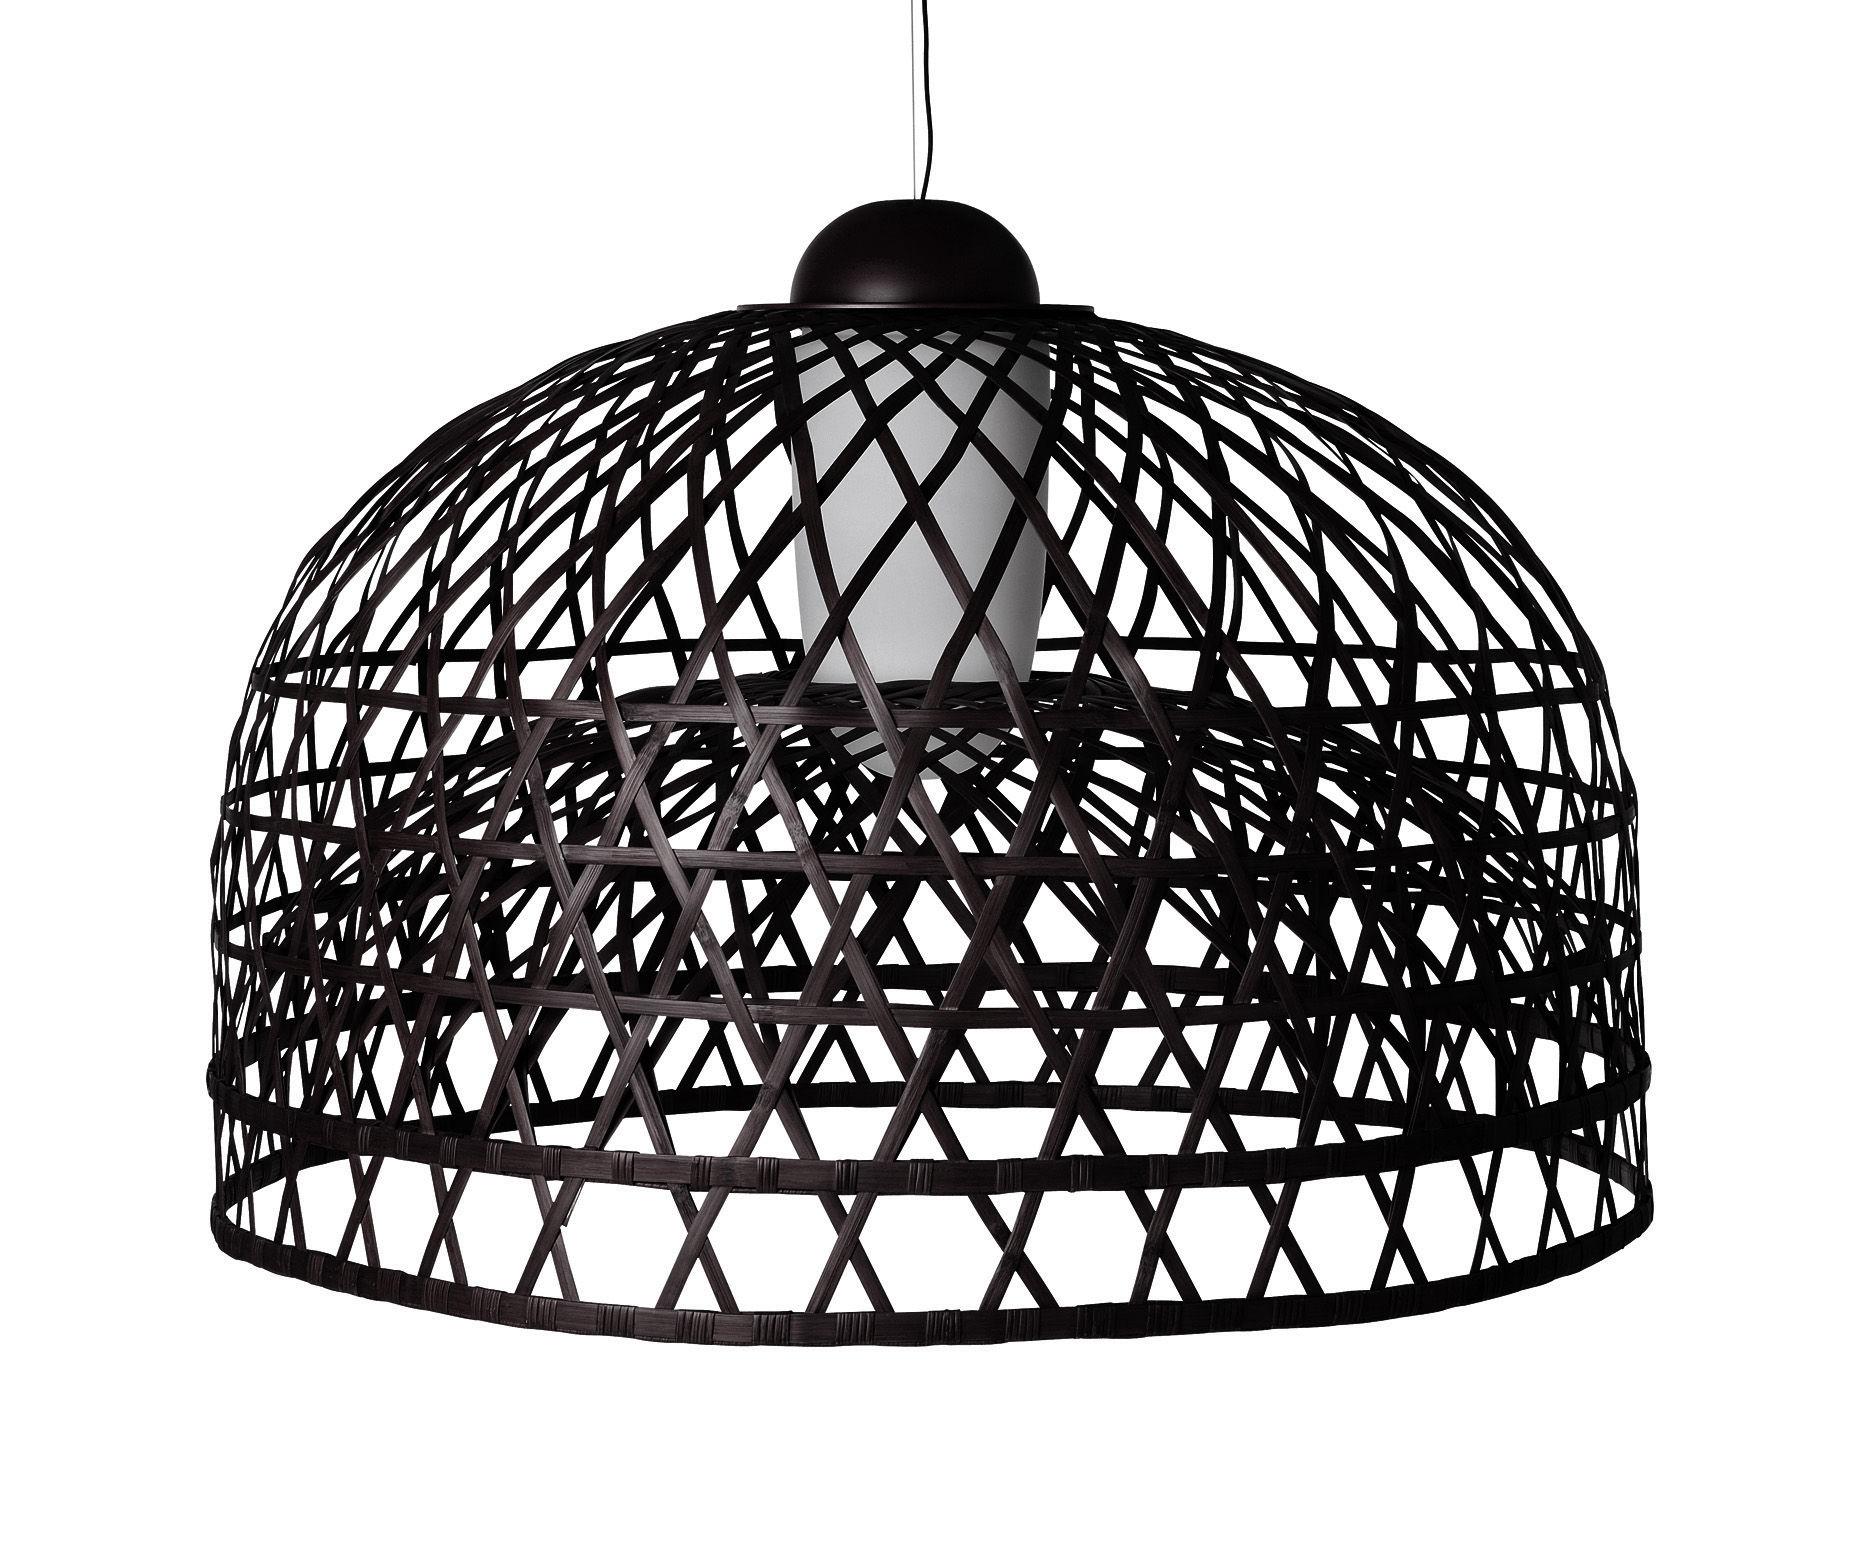 Leuchten - Pendelleuchten - Emperor Pendelleuchte groß - Moooi - Ø 160 cm - schwarz - Aluminium, Rattan